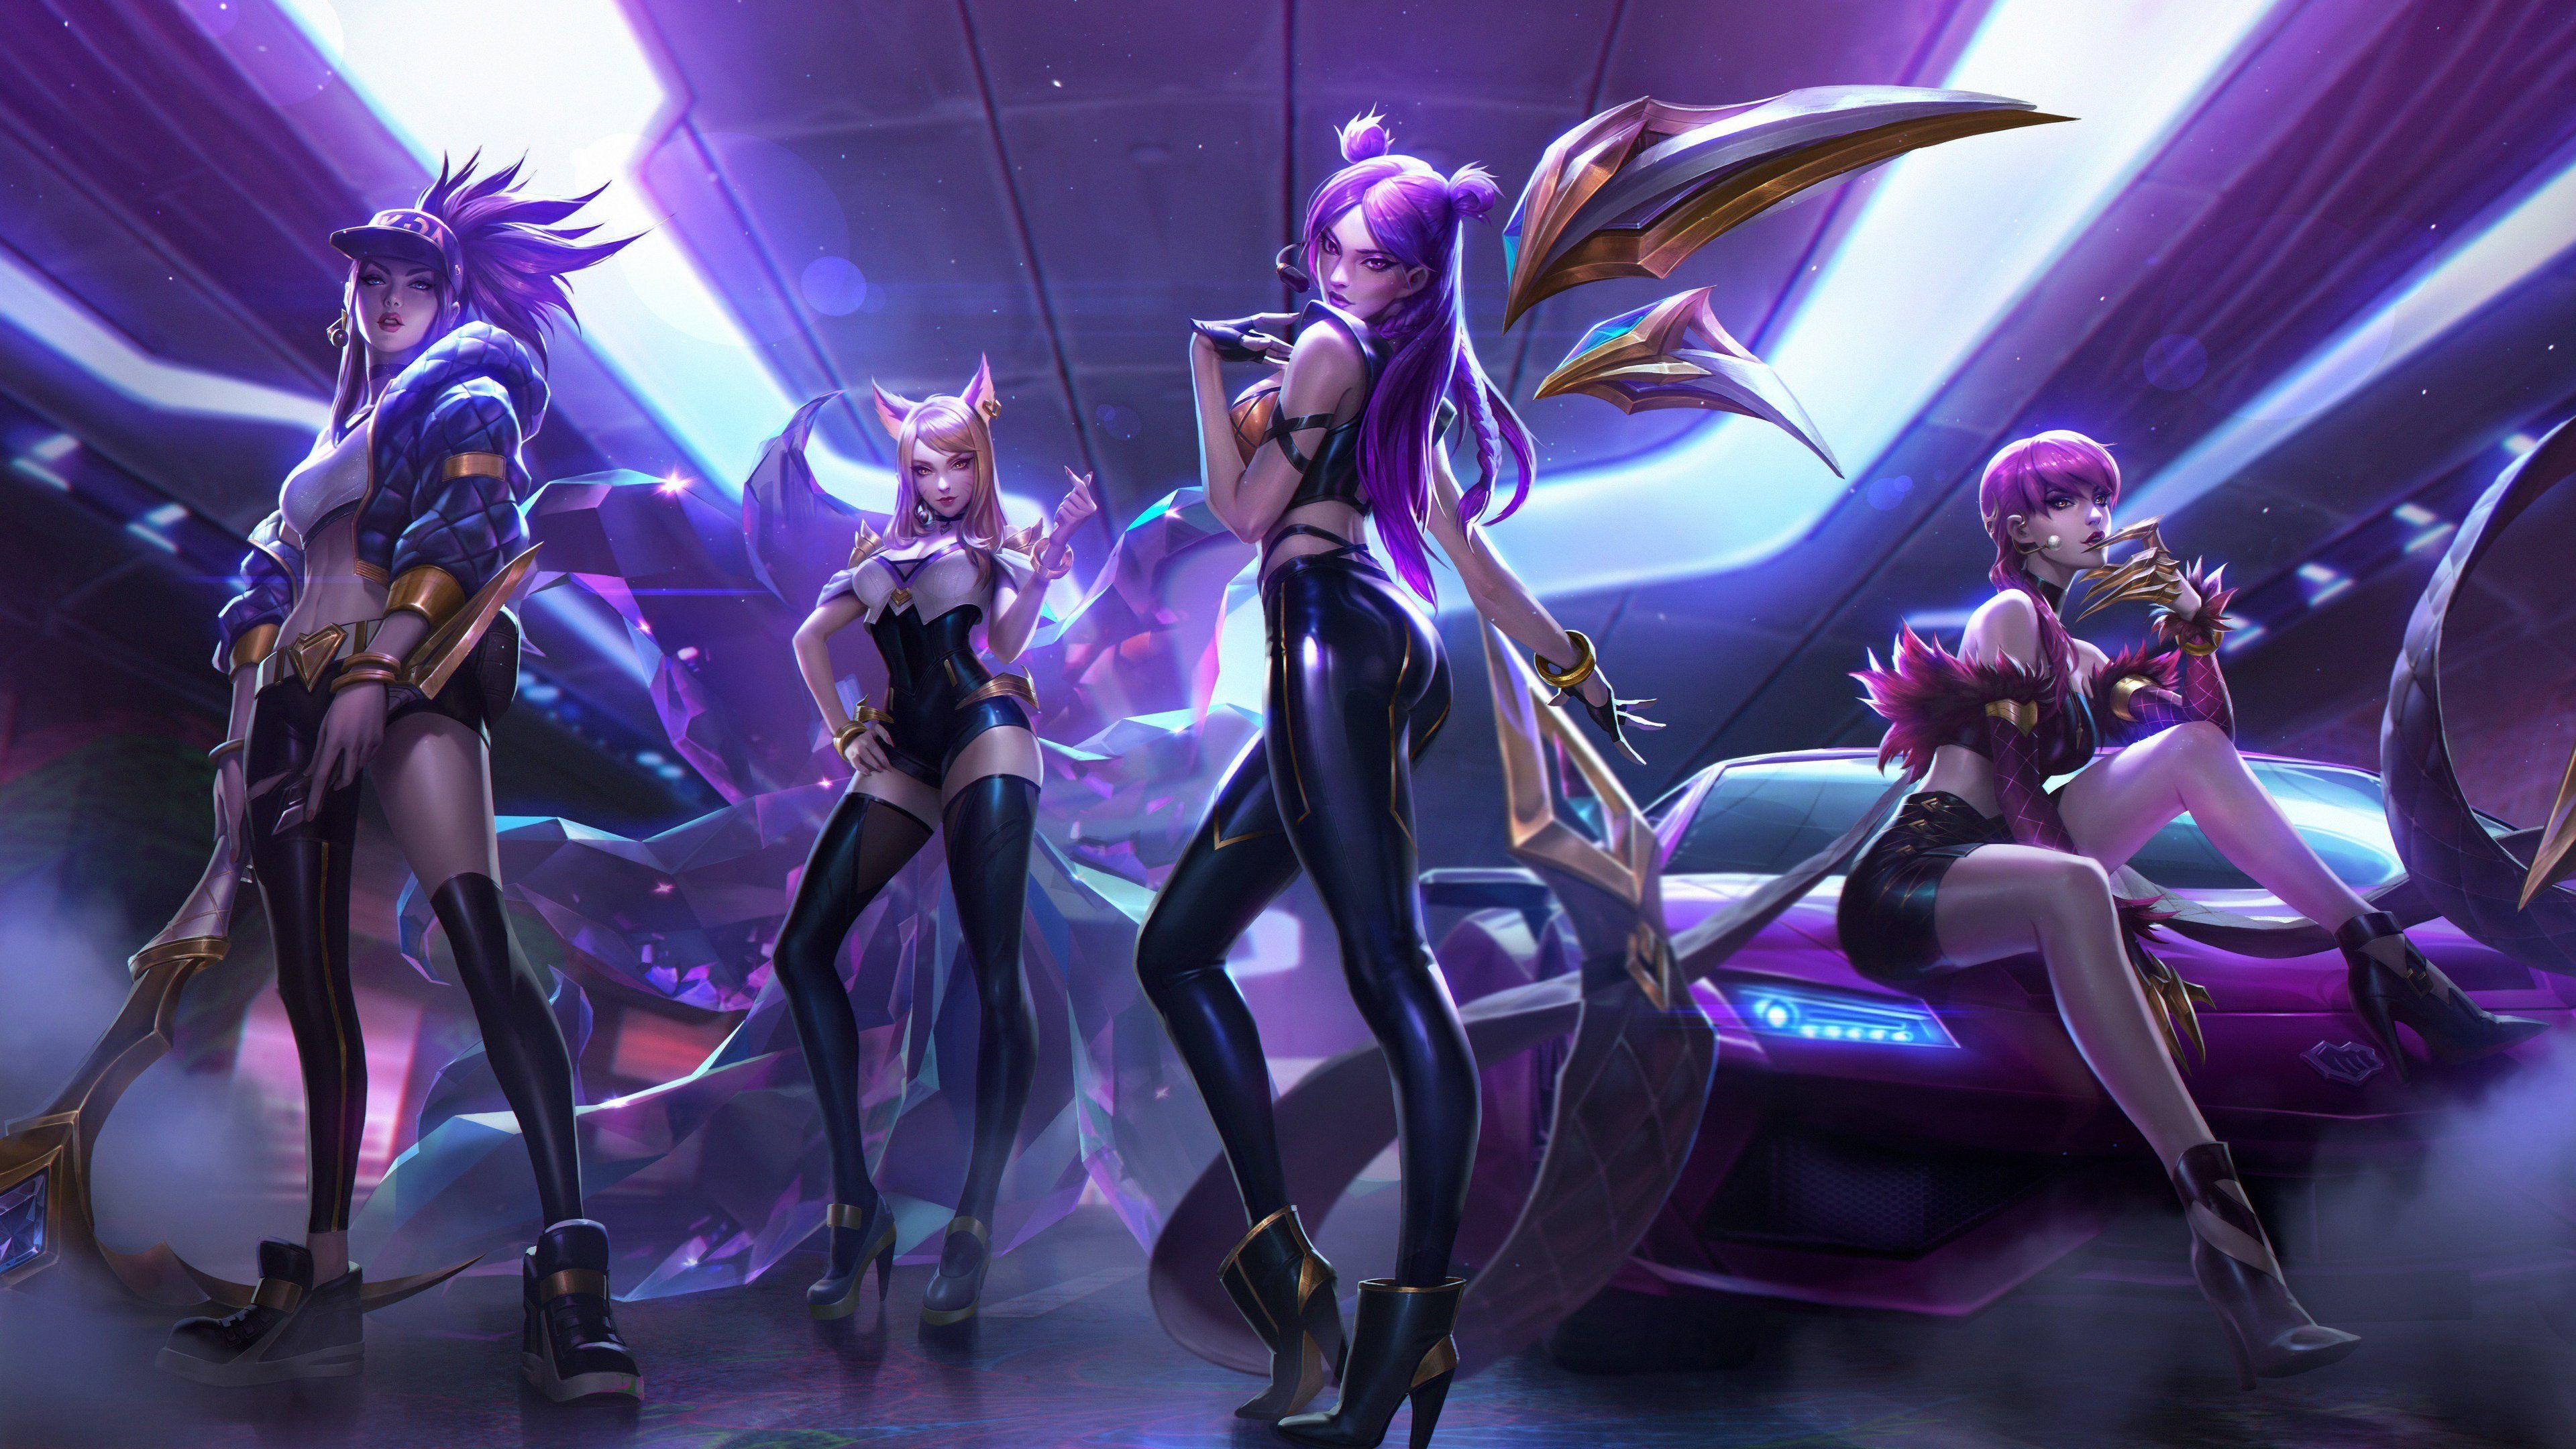 Evelynn Kaisa Ahri Akali League Of Legends 4k Wallpaper In